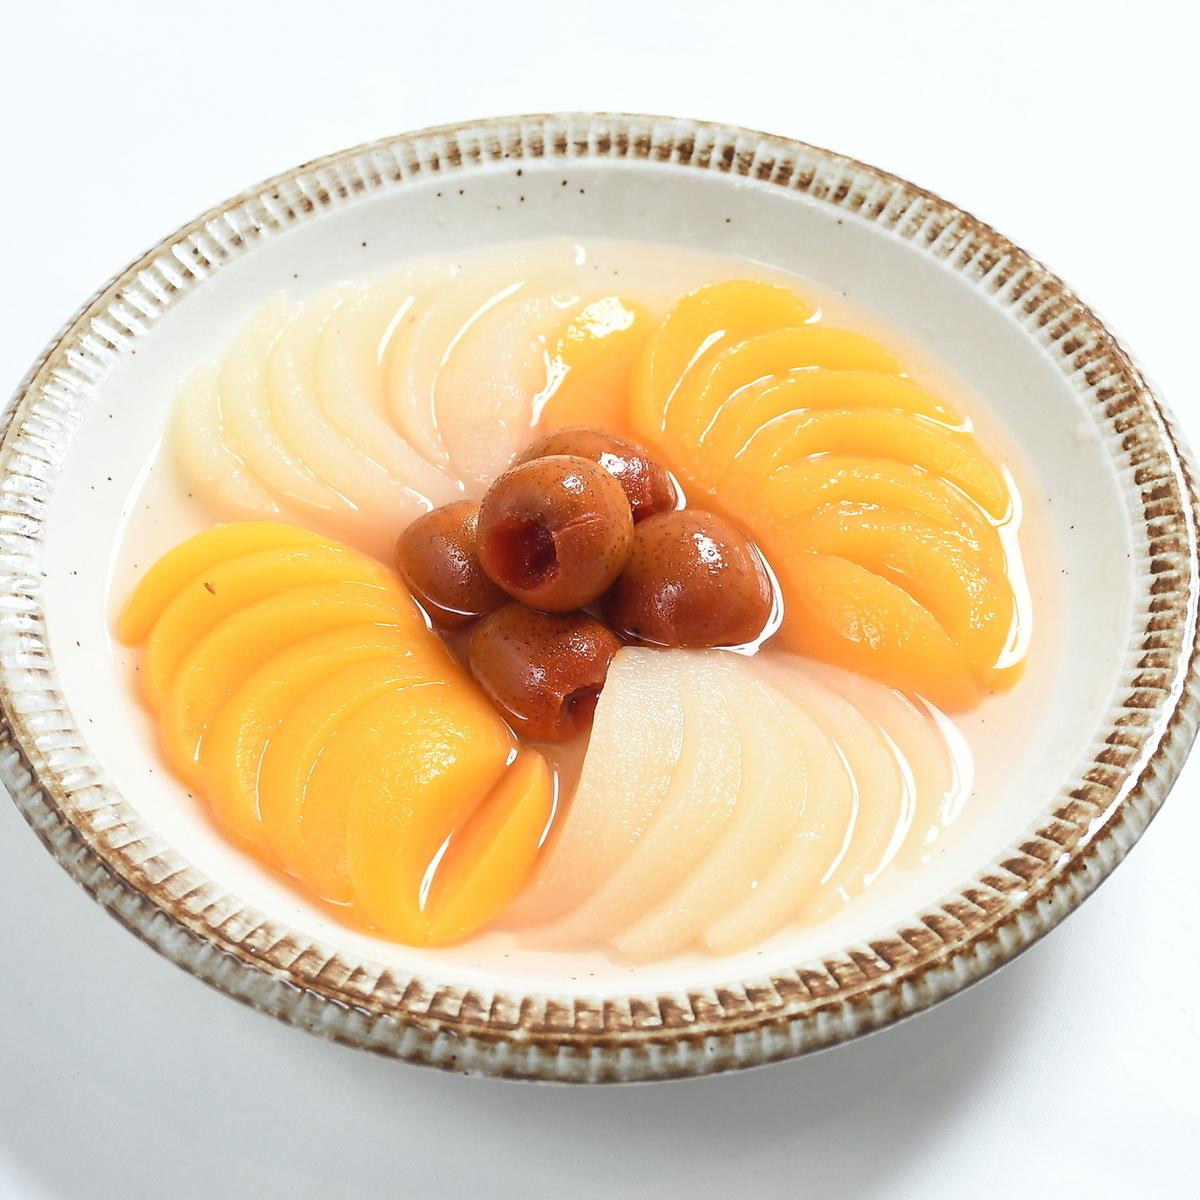 Pear and Yoshiko Kazuko